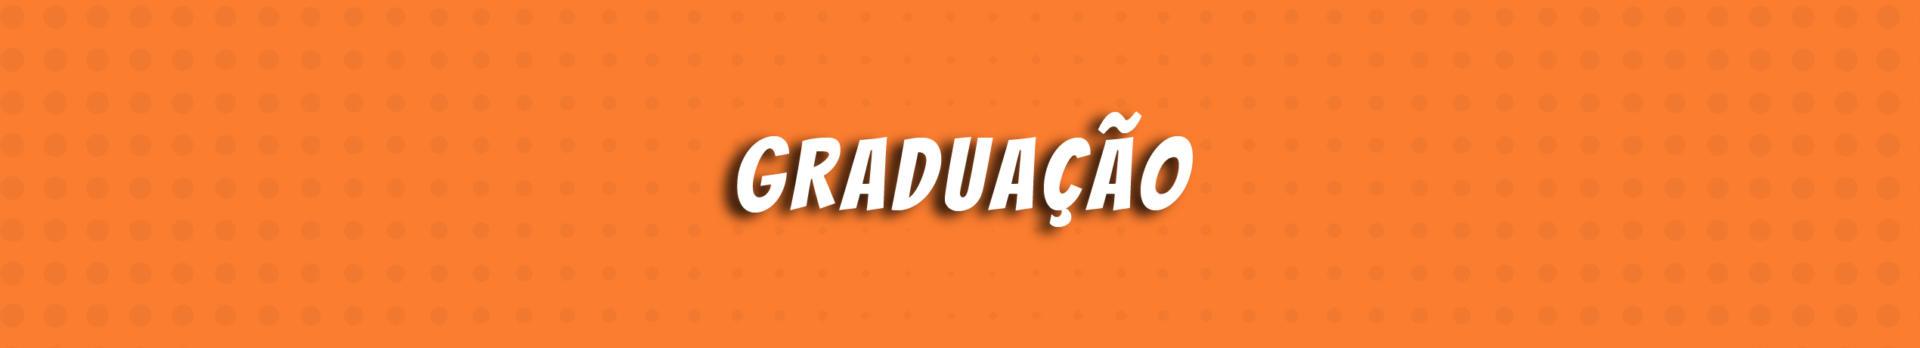 Cursos de Graduação